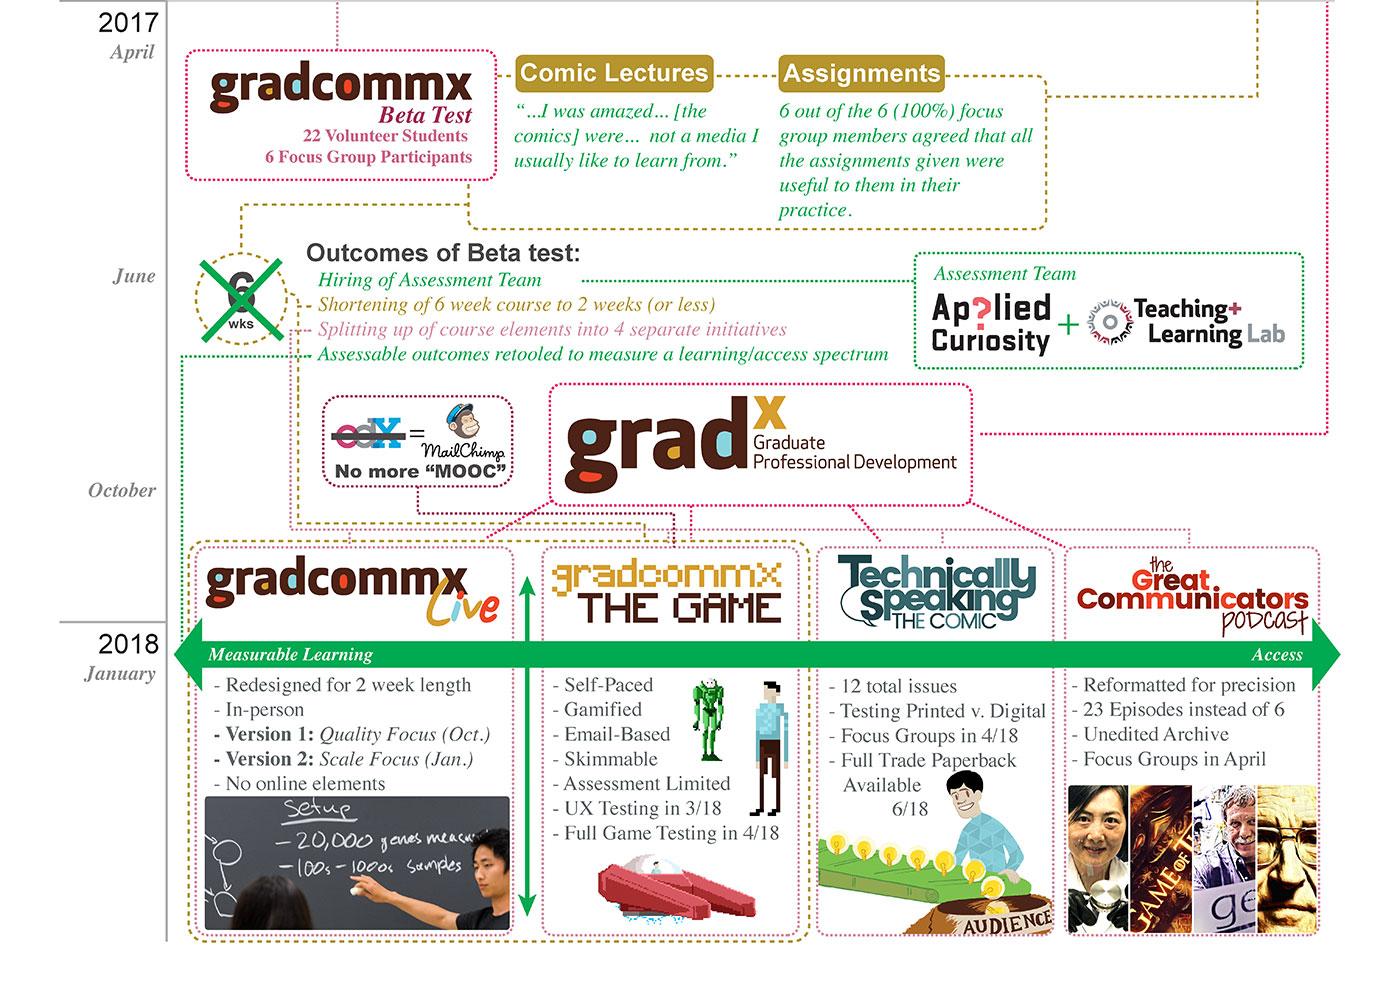 3-Infographic